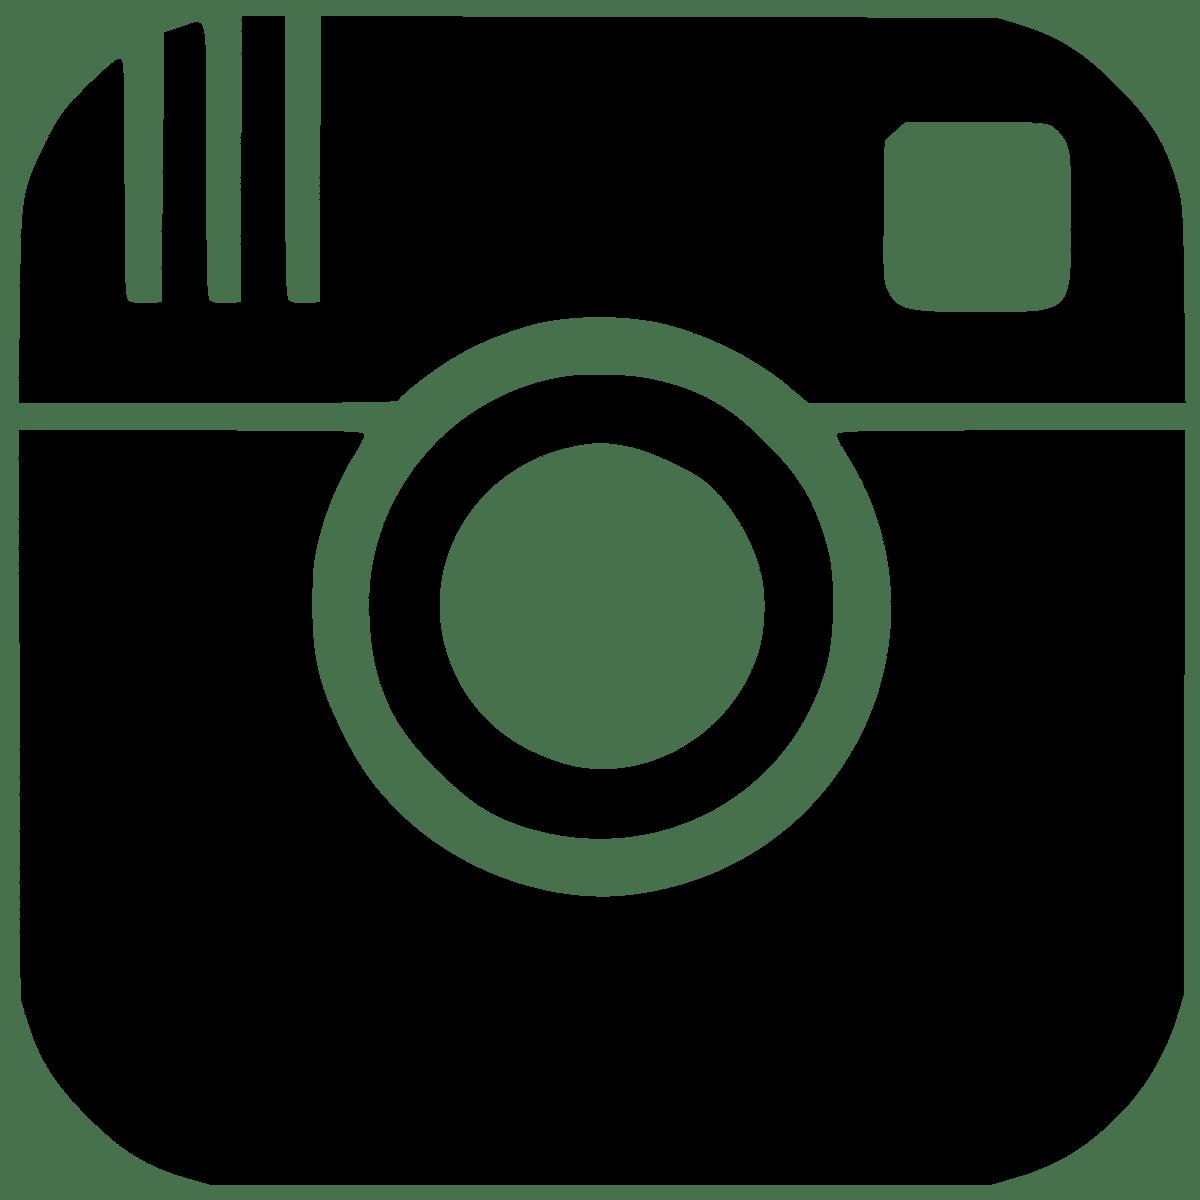 инста лого